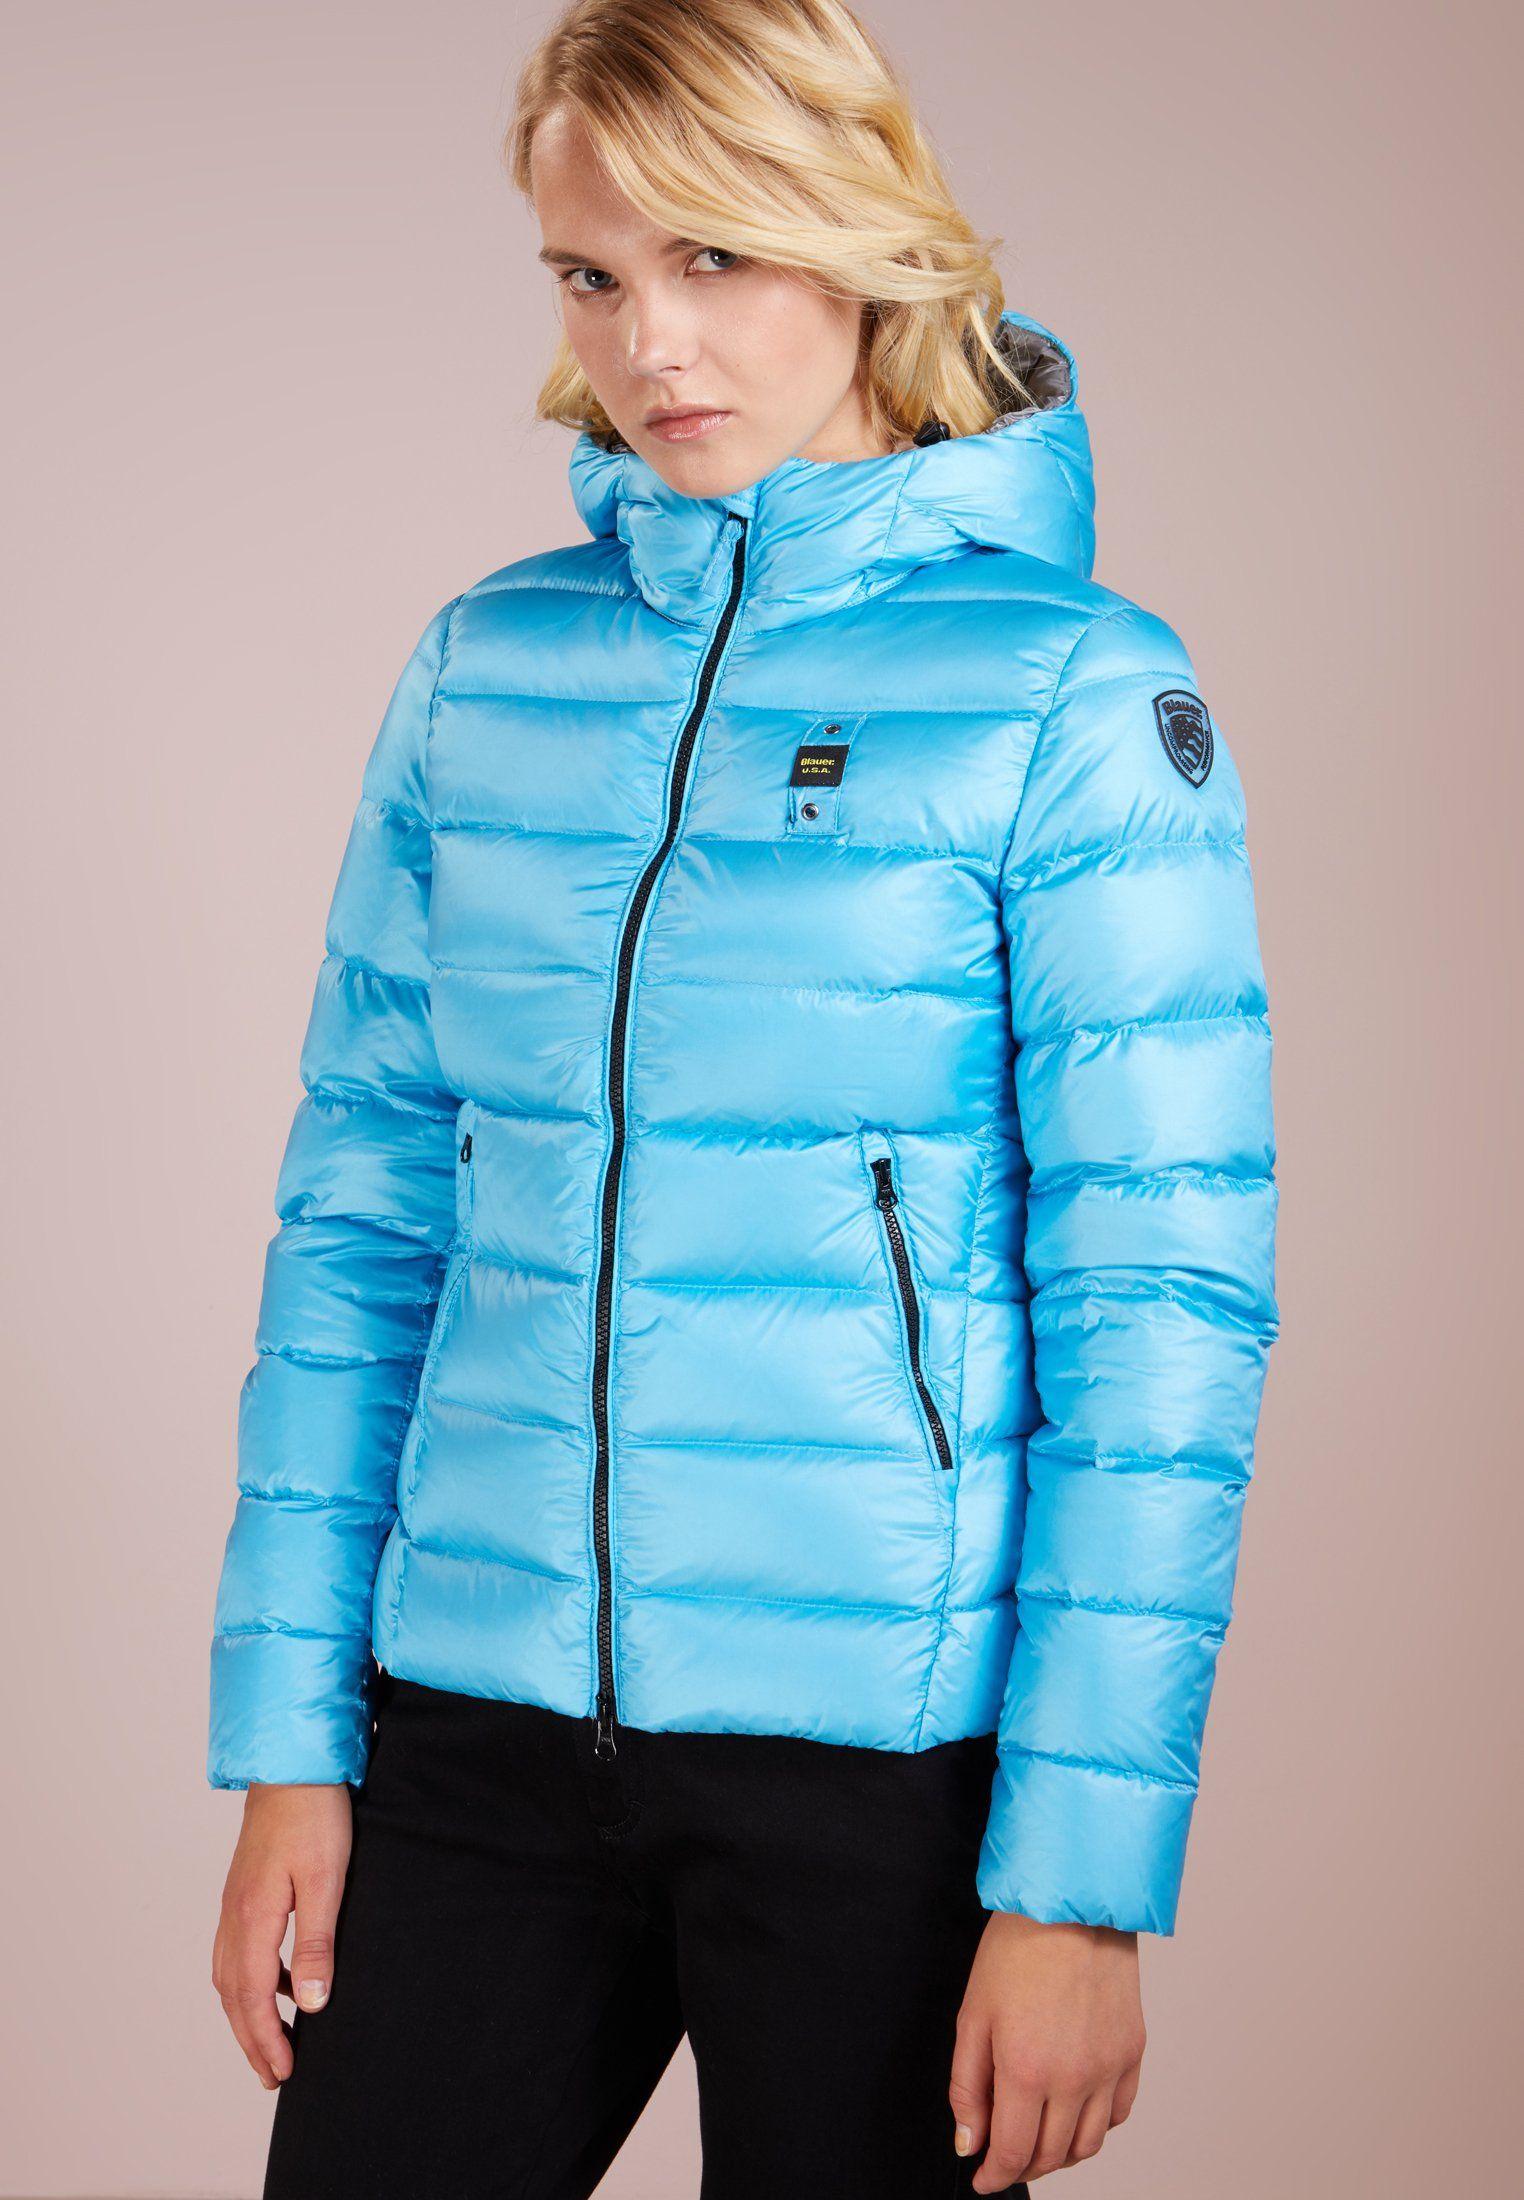 blauer jacken damen zalando